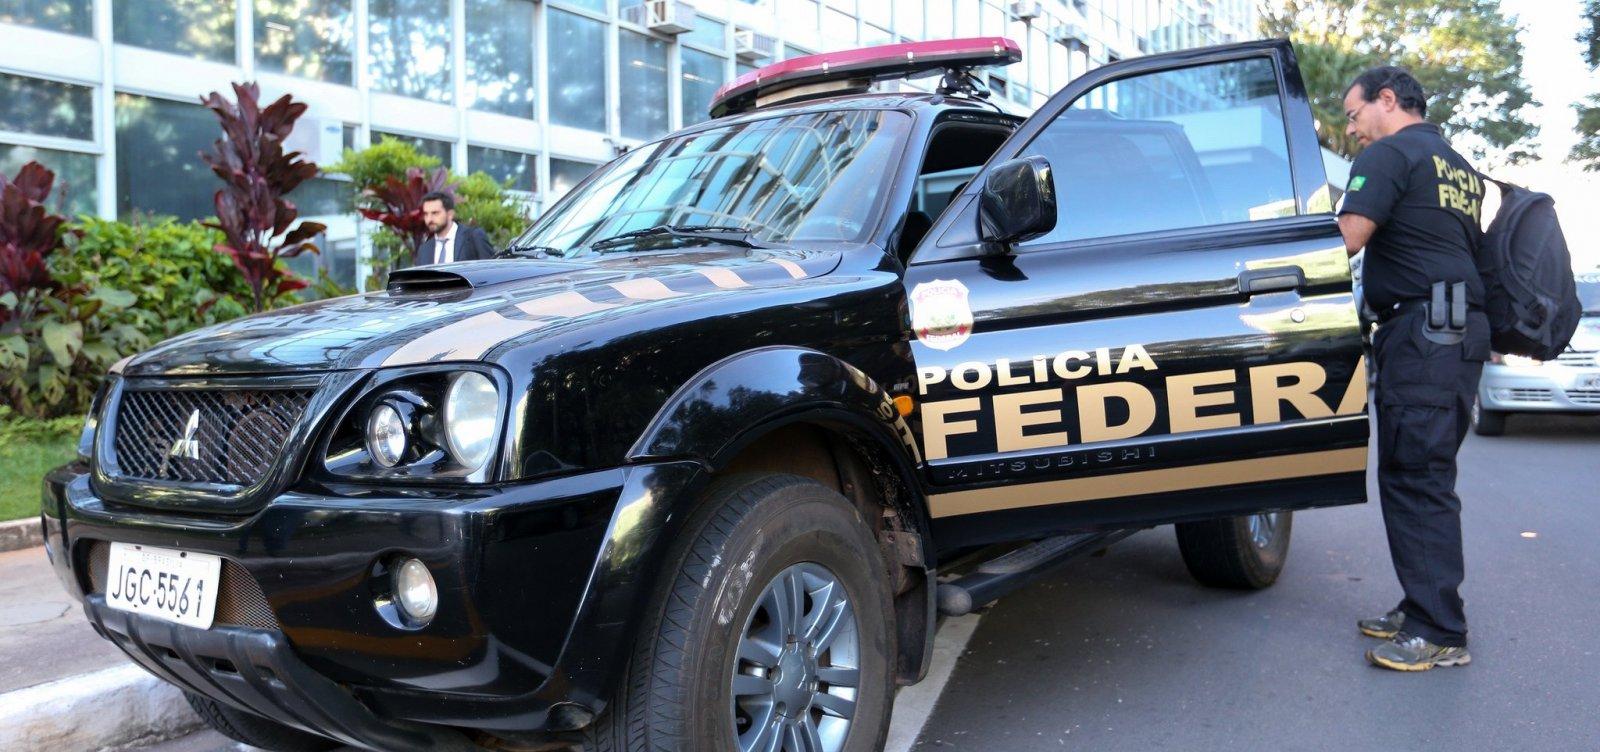 [Operações Sombra e Escuridão e Elymas Magus: PF realiza buscas em 23 prefeituras da Bahia]